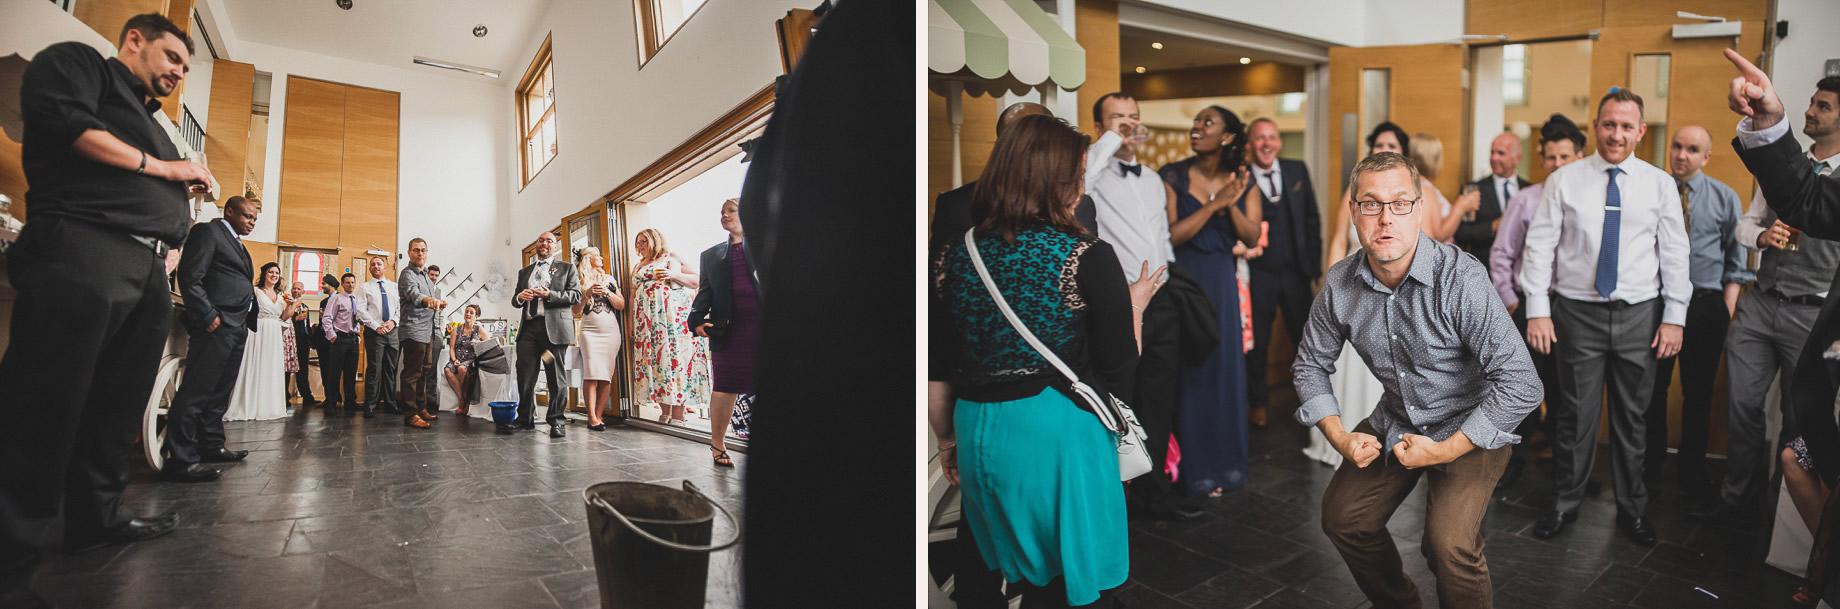 Becky and John's Wedding at Slaidburn Village Hall 183